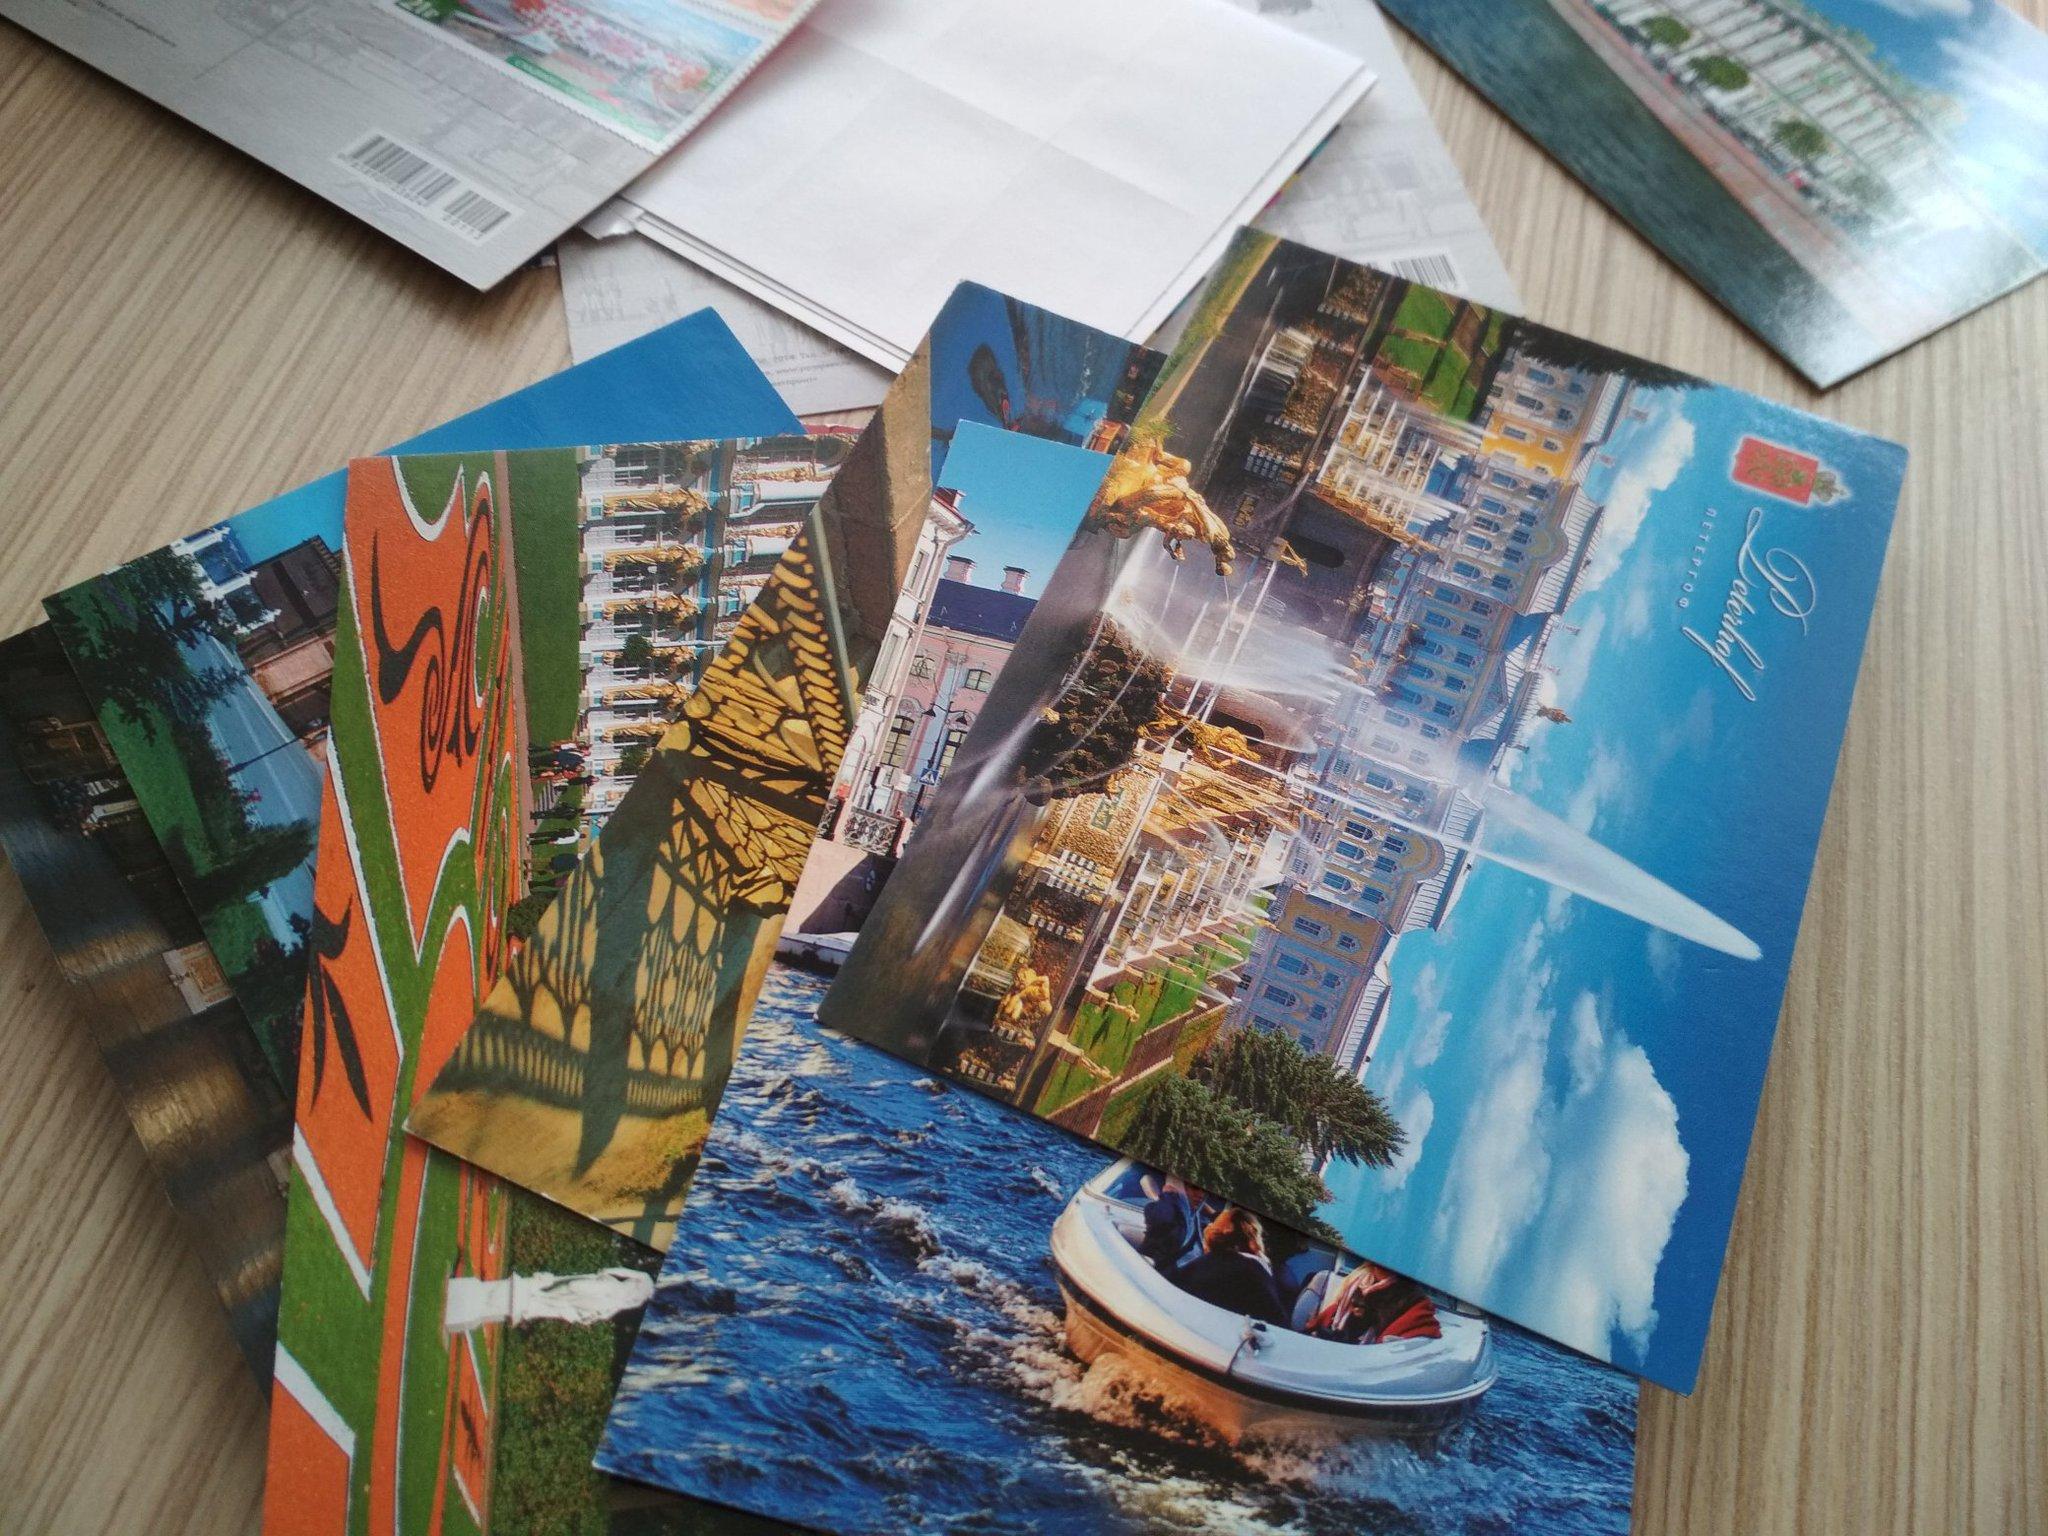 Посткроссинг открытки не доходят, прикольная картинка картинка